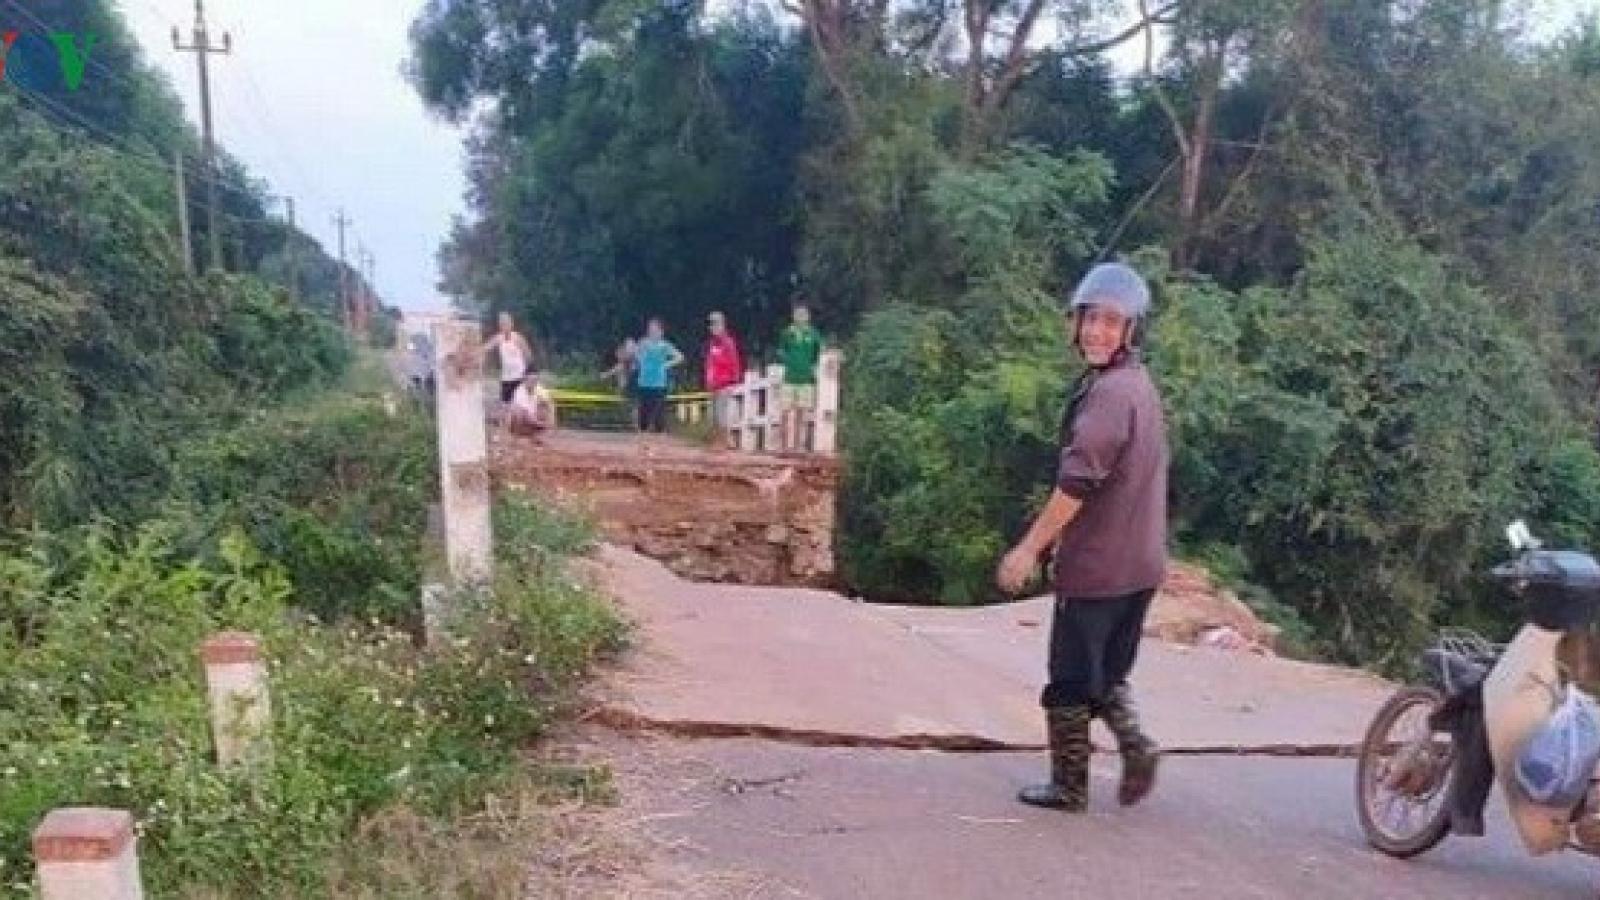 Sập cầu hơn 40 năm tuổi ở Quảng Trị khiến một thôn bị cô lập